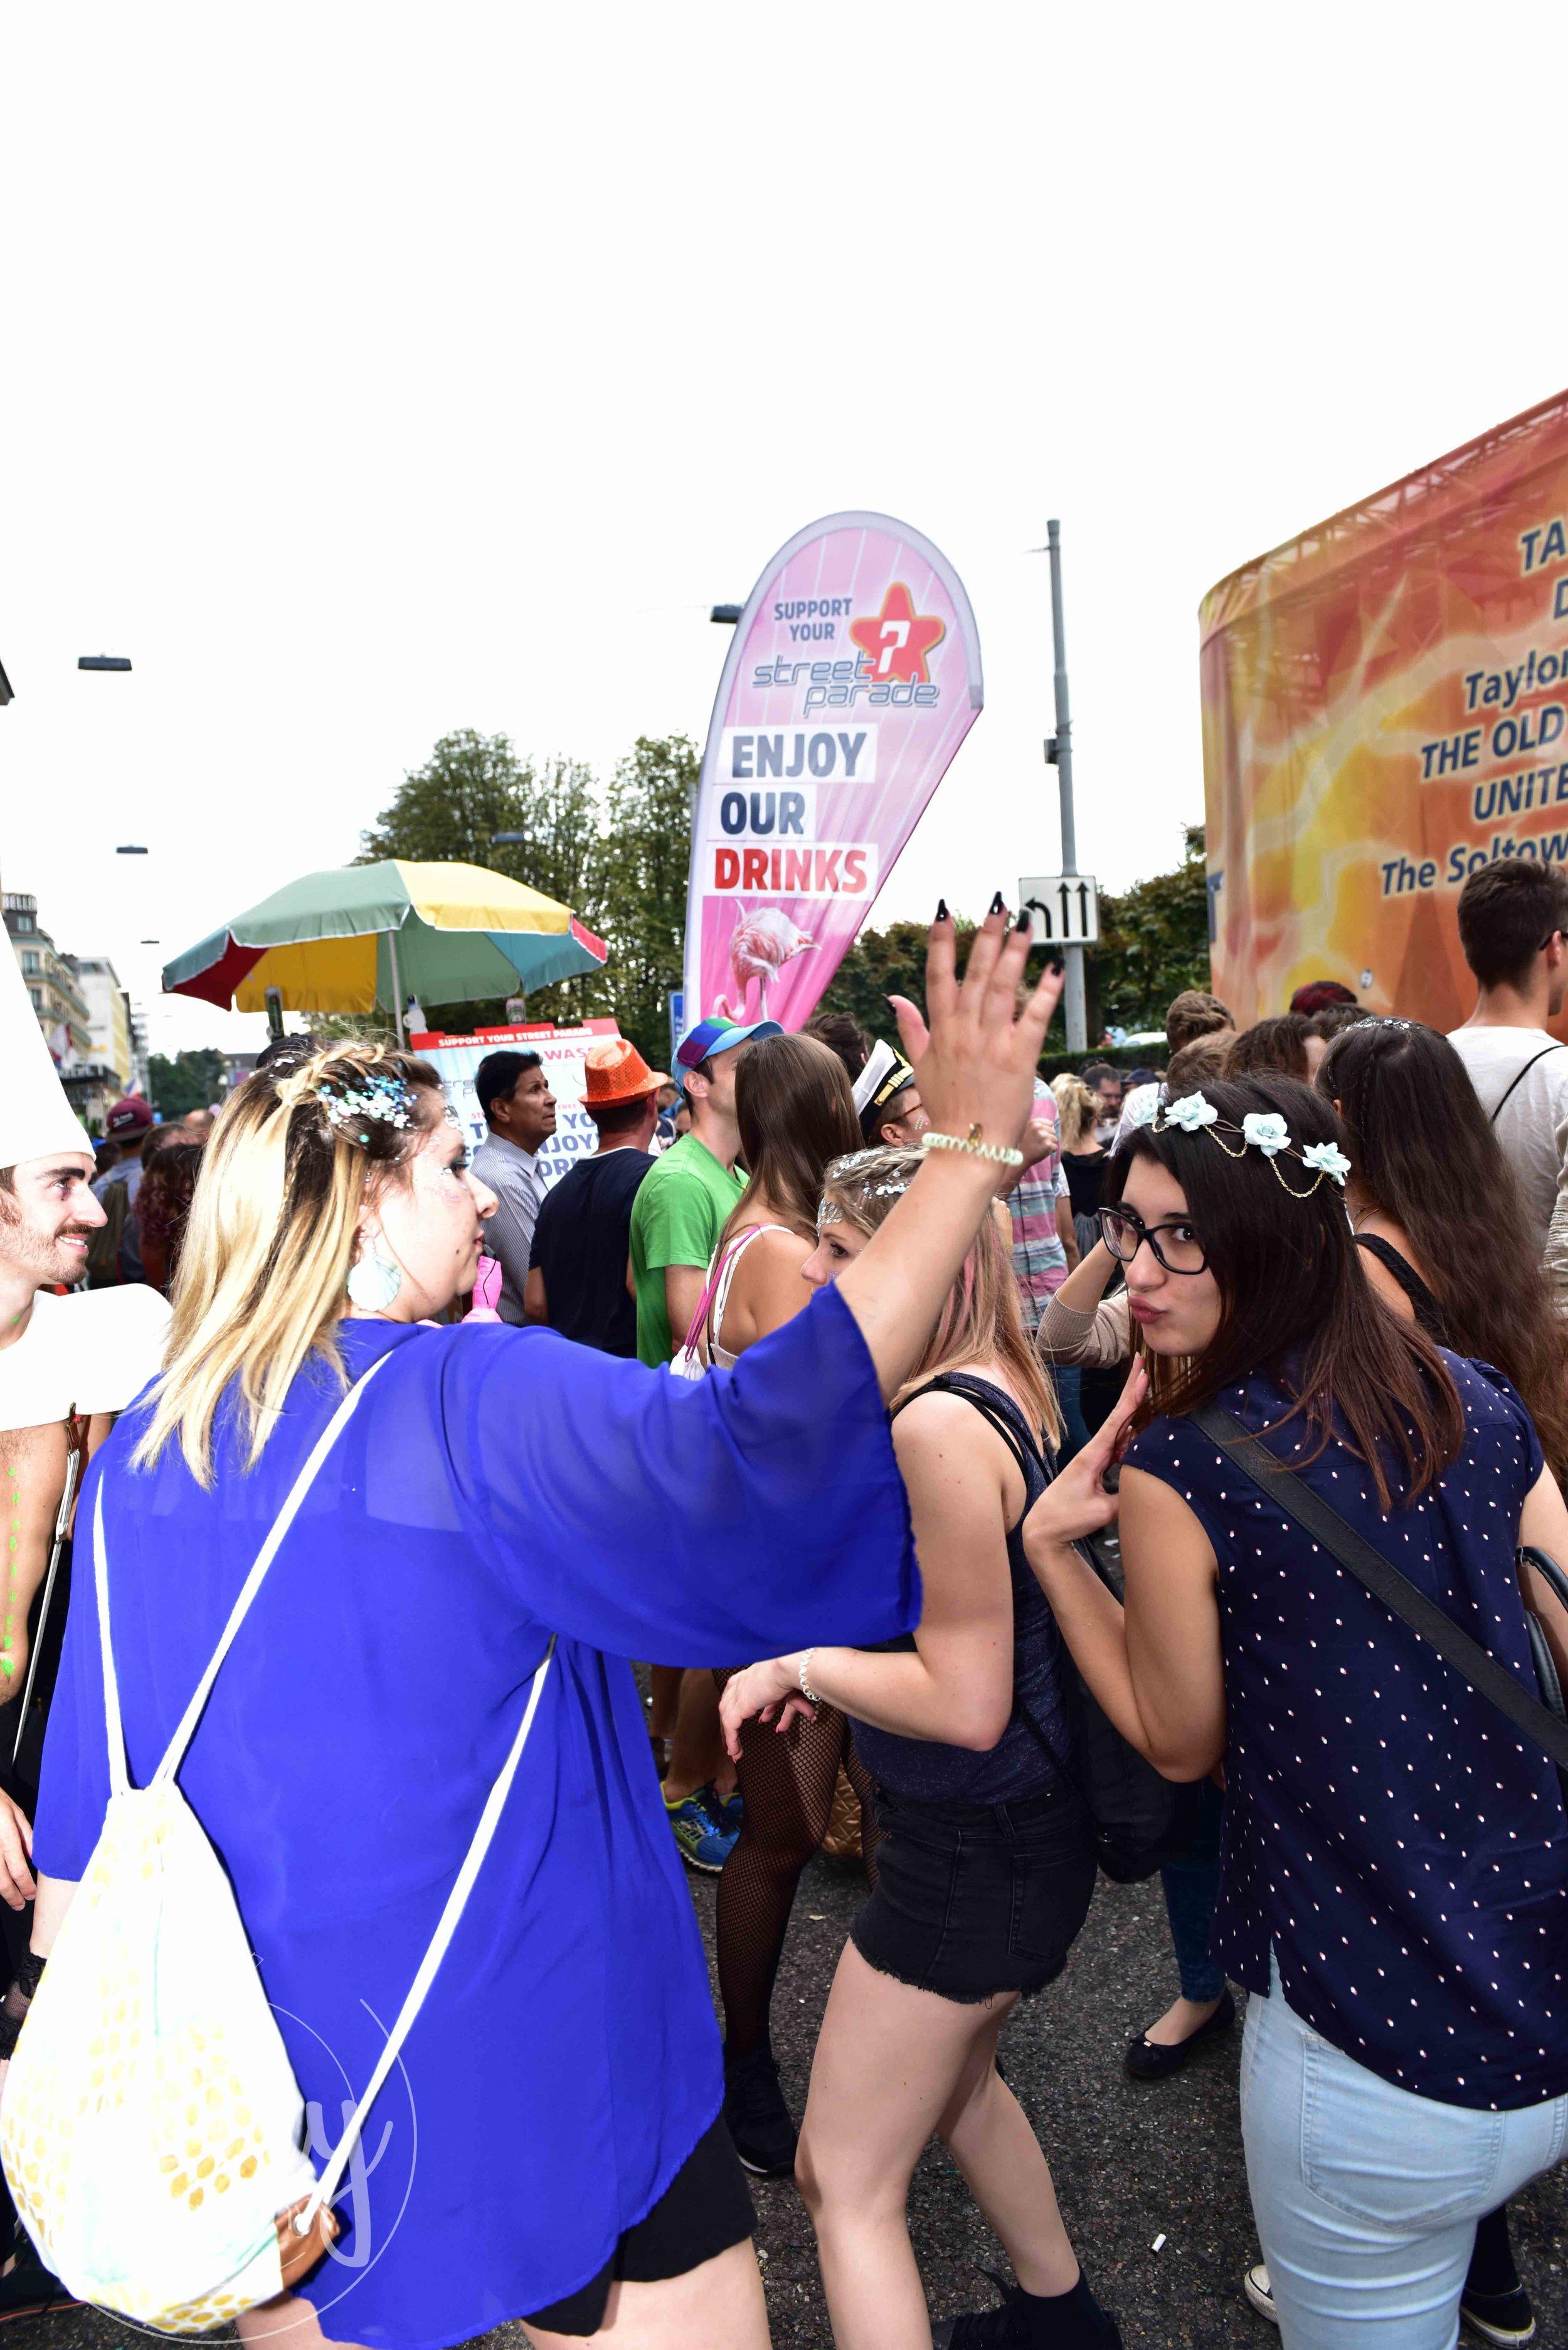 streetparade-219.jpg